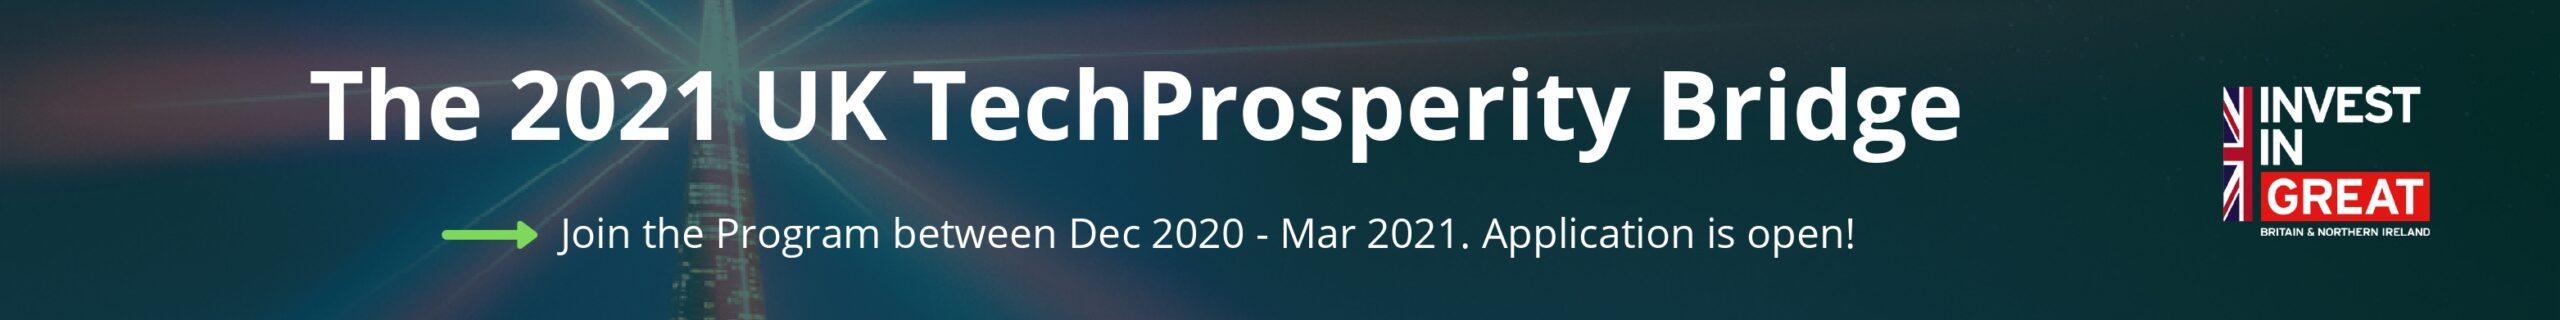 techprosperity